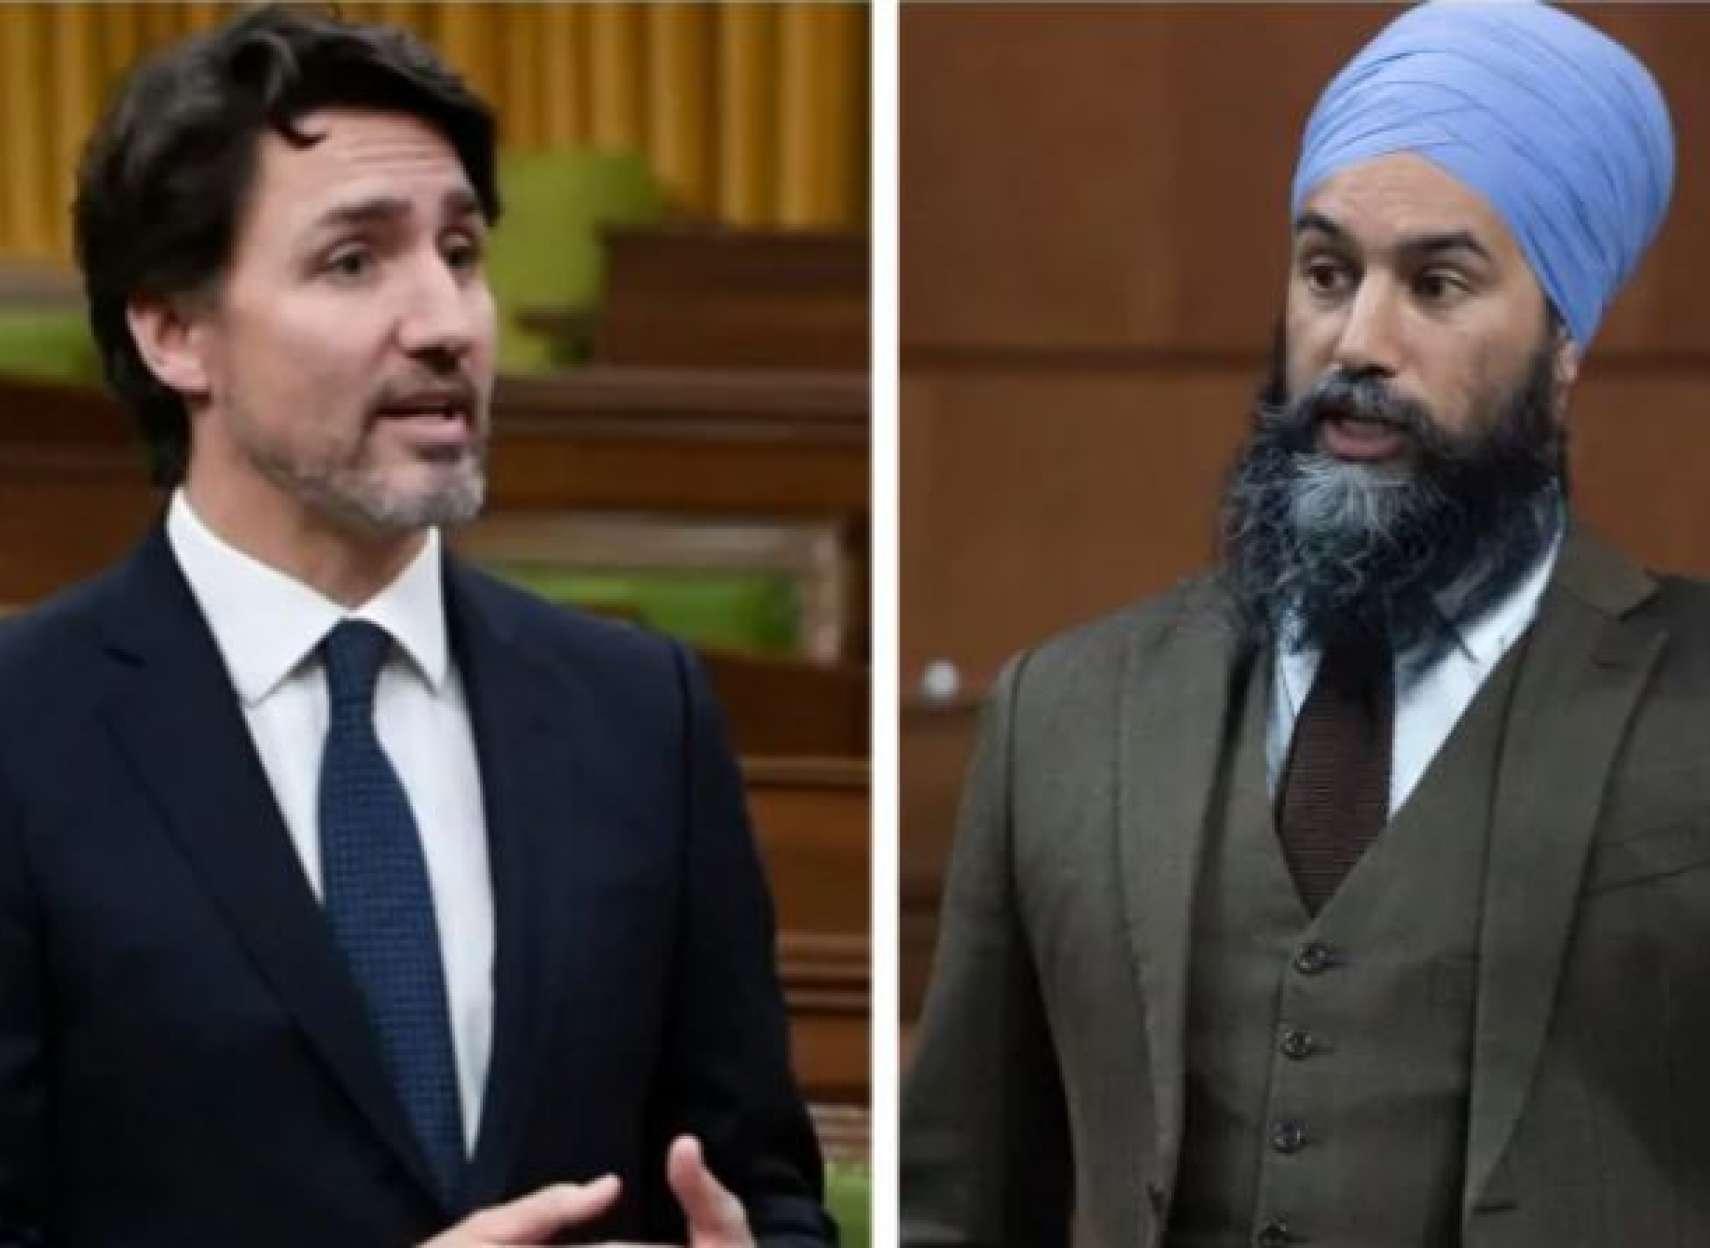 دولت-لیبرال-کانادا-با-عصای-چپ-ها-بر-سر-قدرت-ماند-ترودو-دسترسی-به-واکسن-کرونا-رایگان-است-آخرین-آمار-ابتلا-به-کرونا-در-کانادا